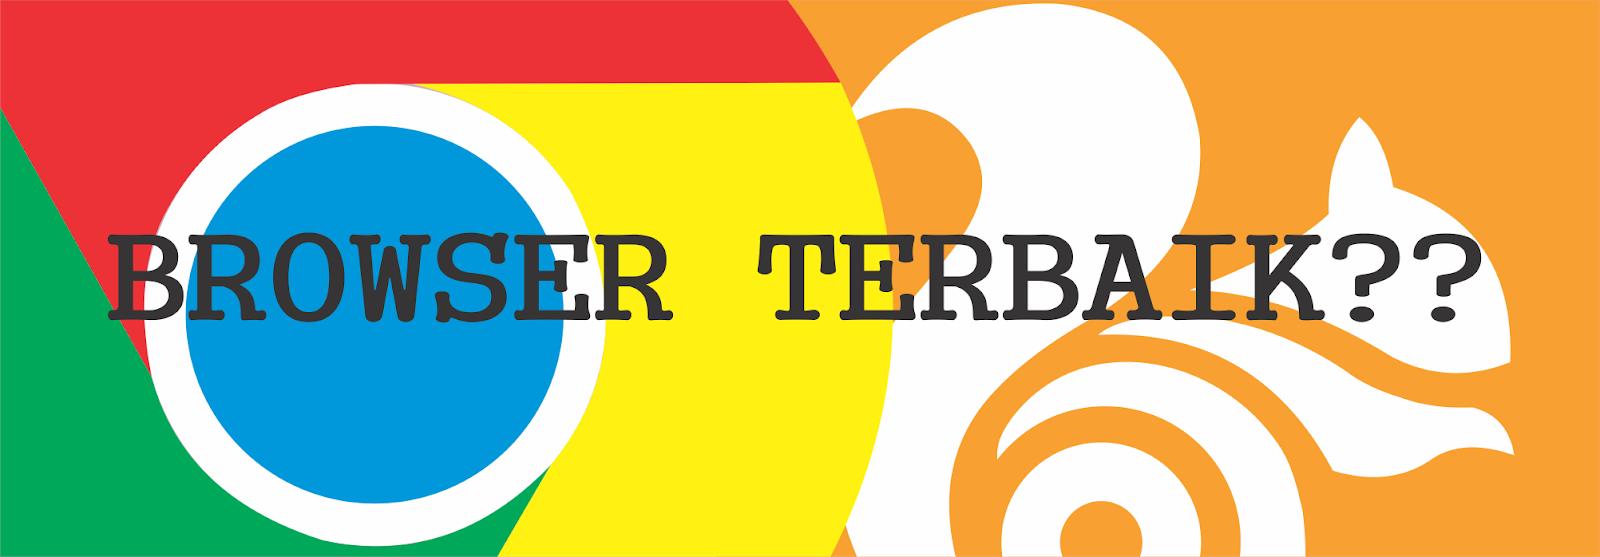 Aplikasi Browser smartphone tercepat, UC browser, Google